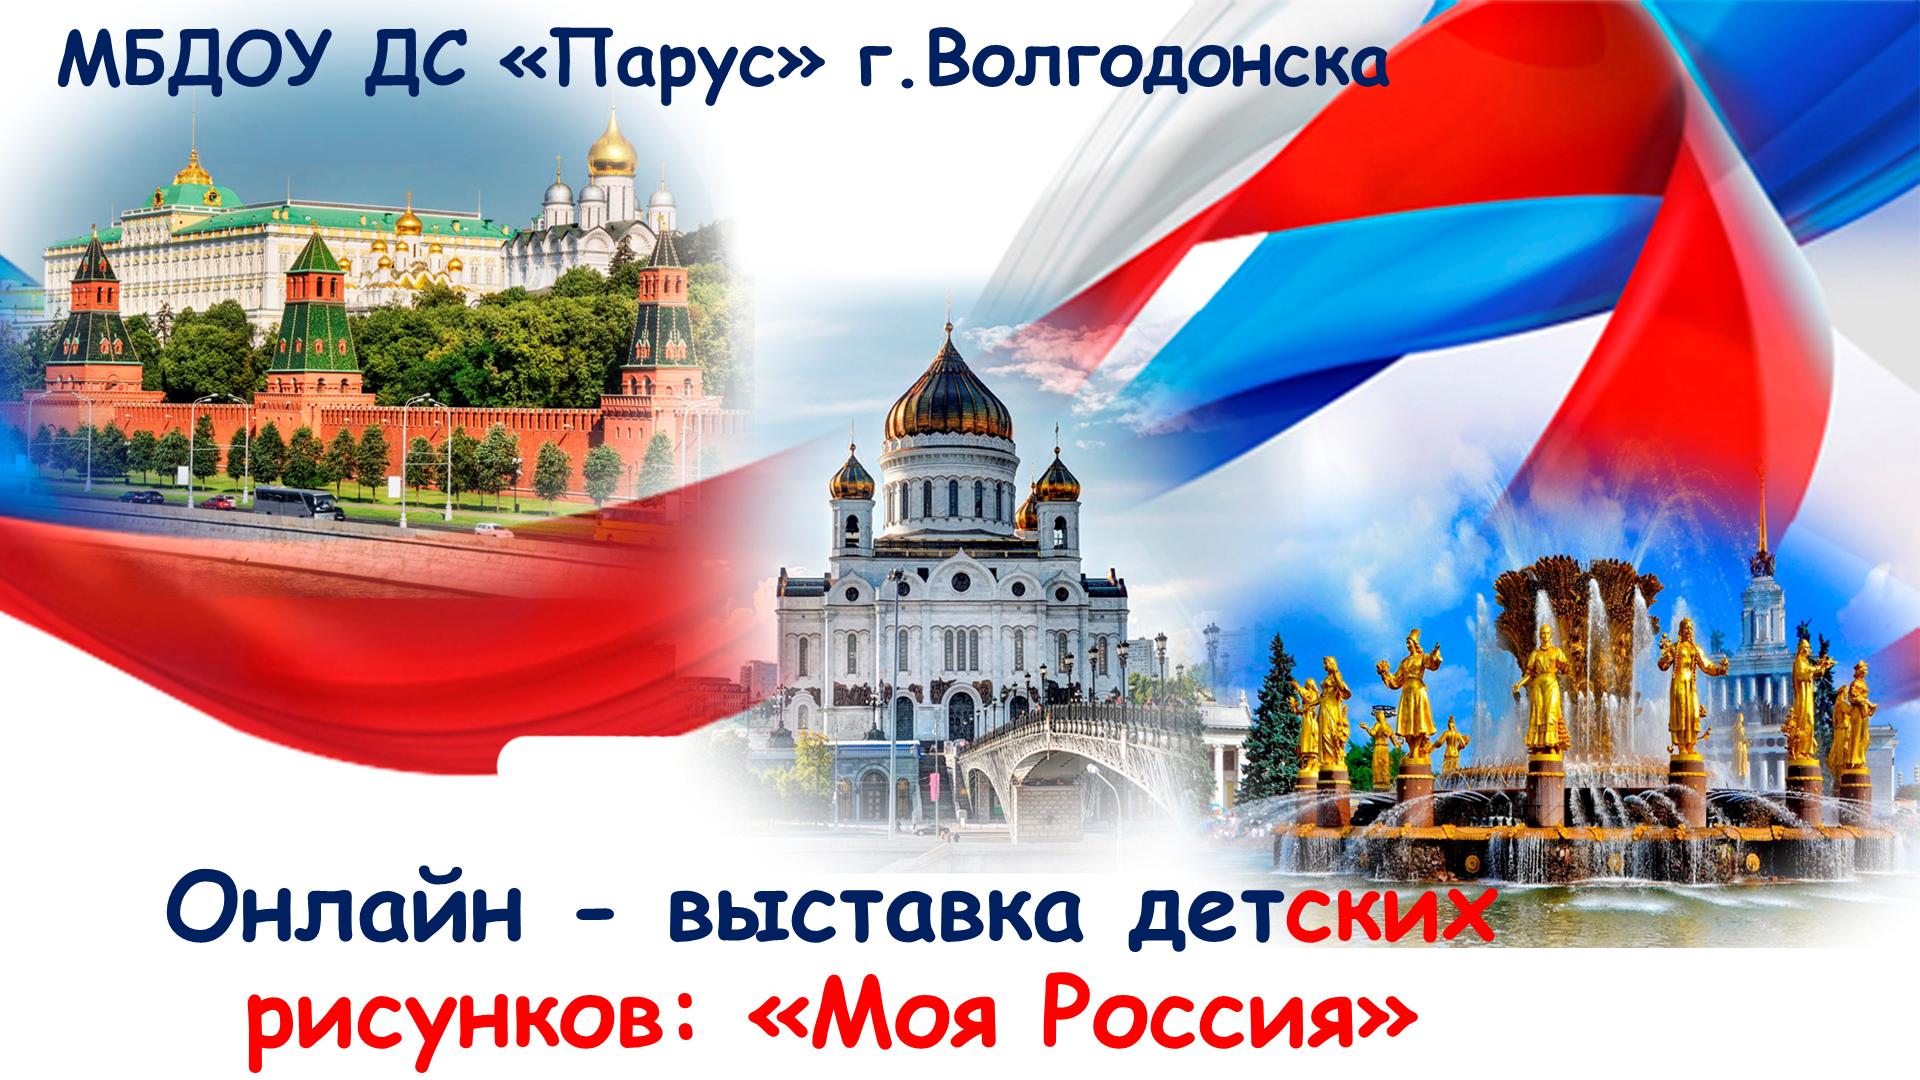 Онлайн — выставка детских рисунков «Моя Россия»